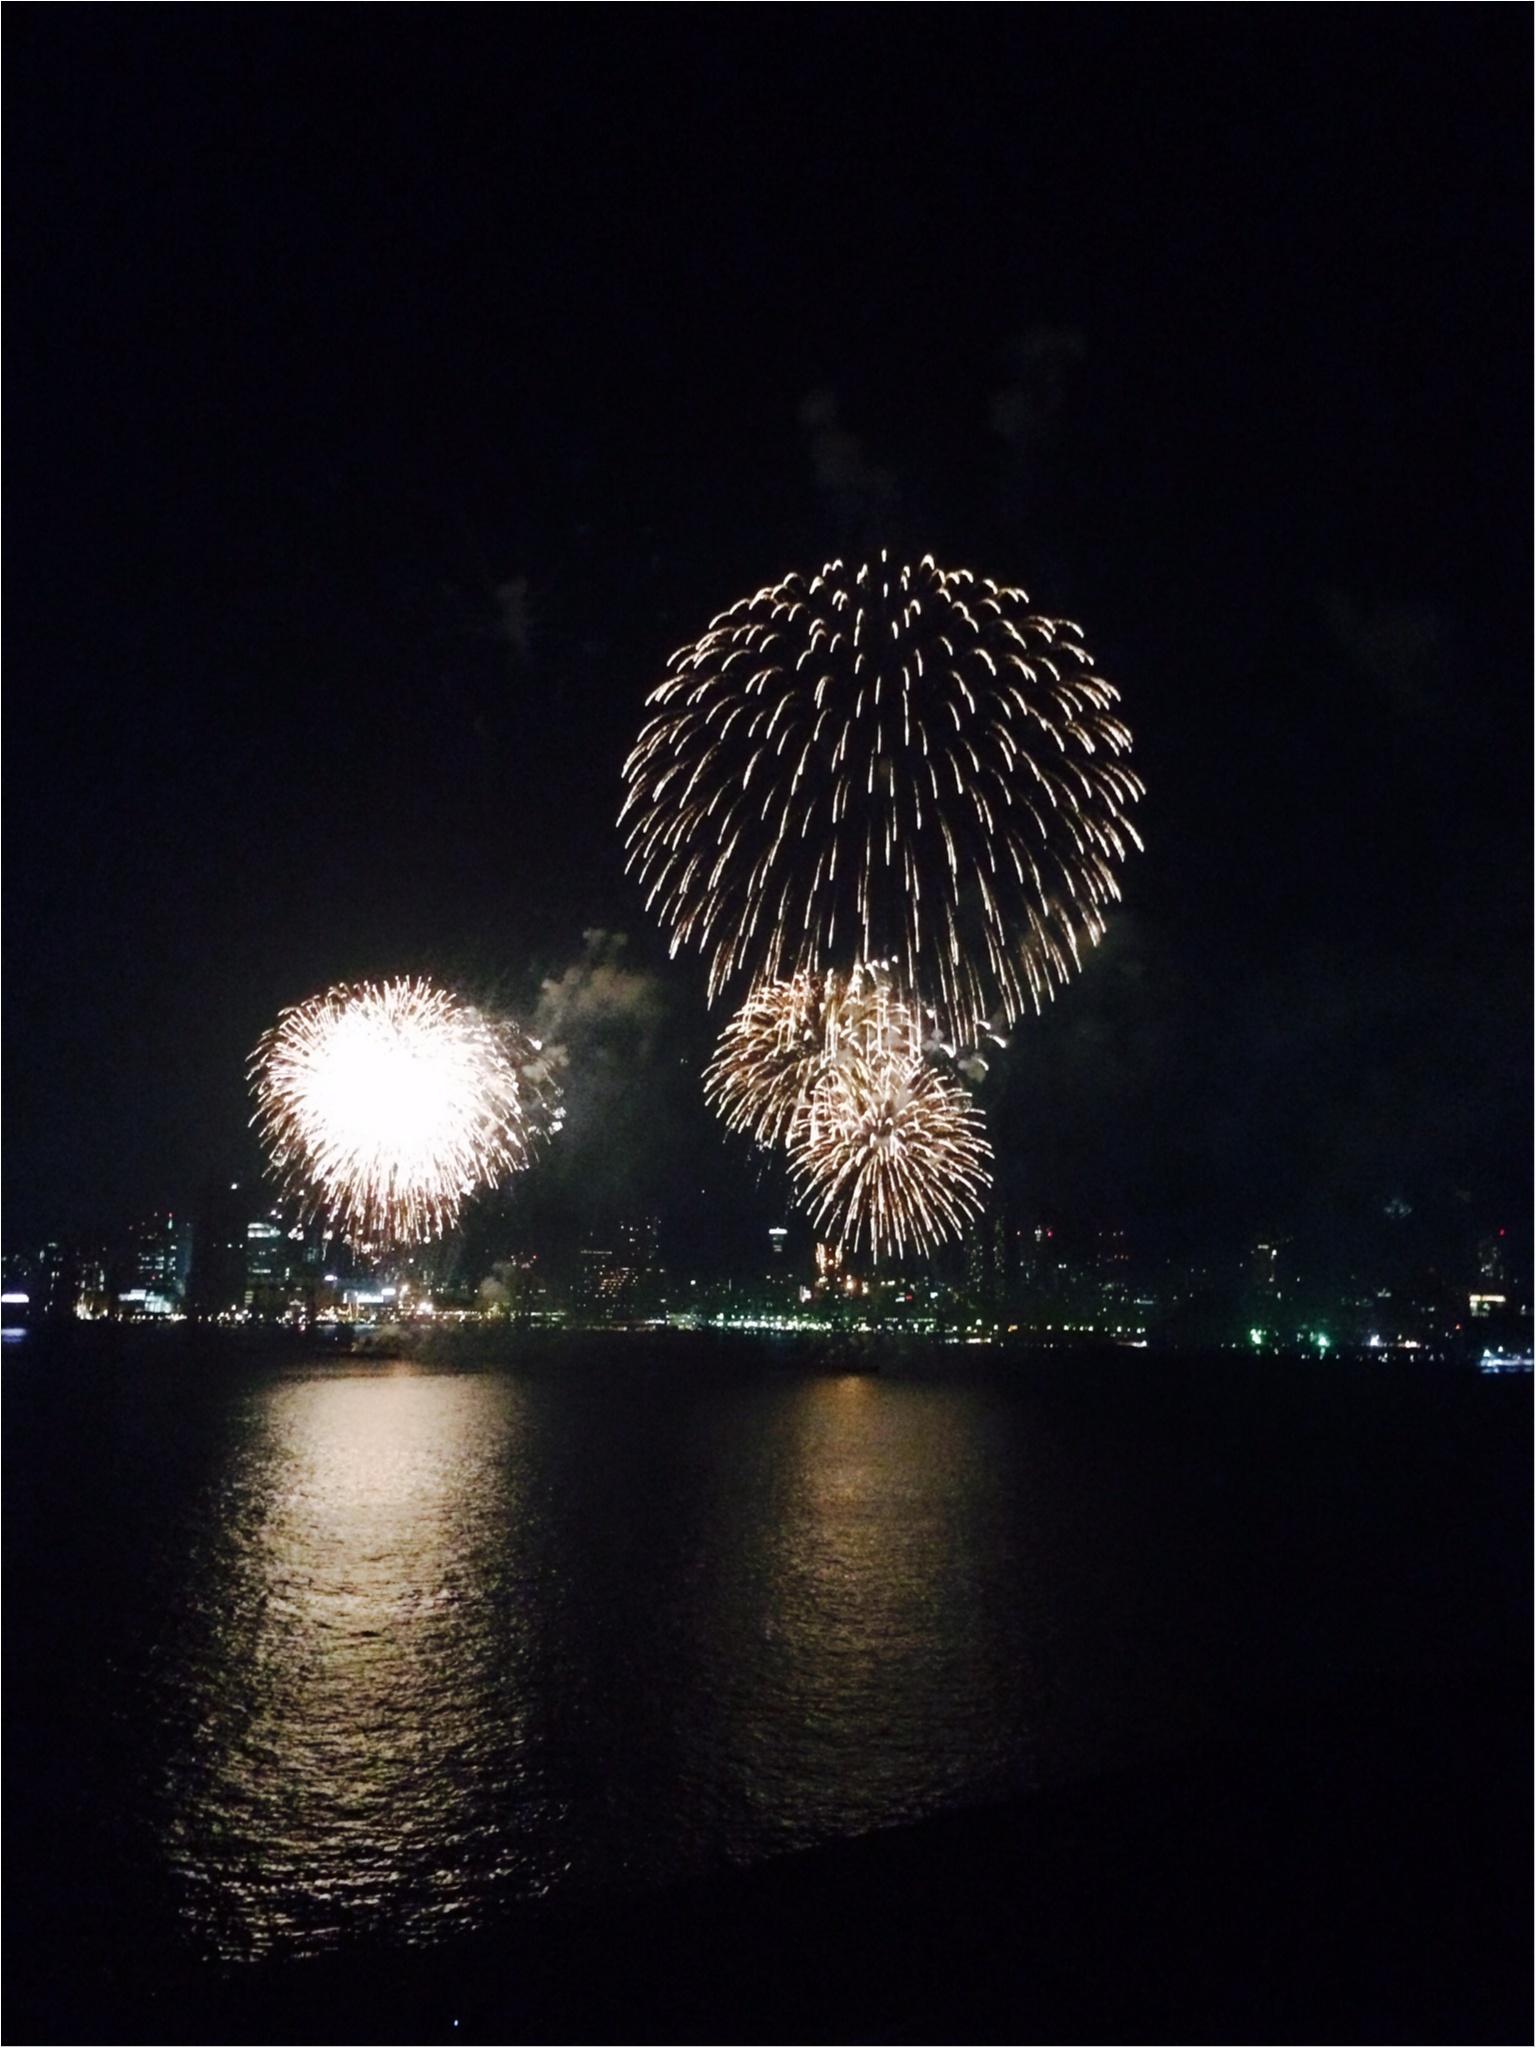 みなと神戸花火 おすすめスポット_1